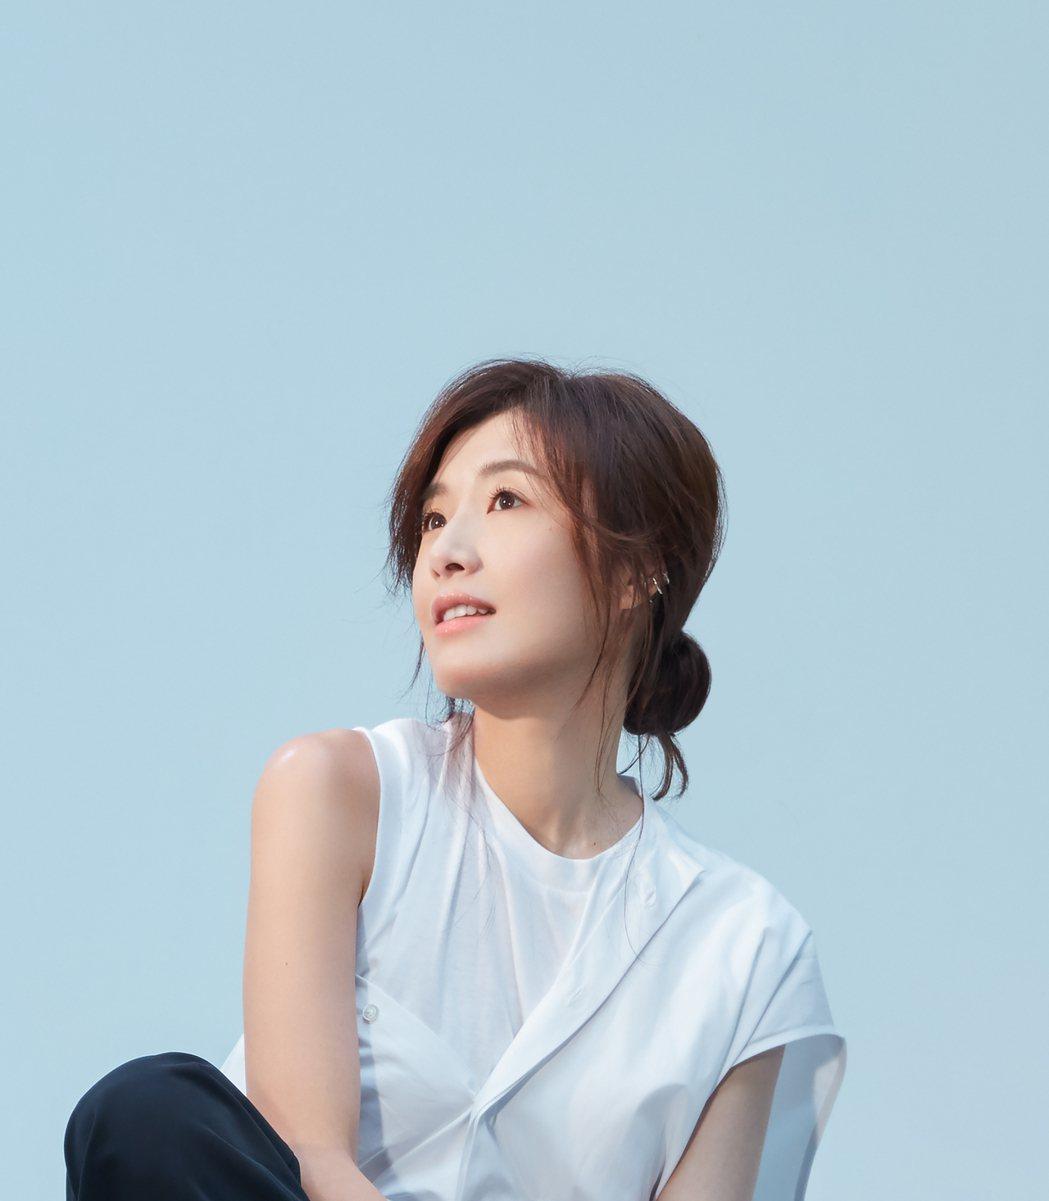 蘇慧倫將於9月12日於北流舉辦首場大型售票個唱「生命之花」。圖/相信提供